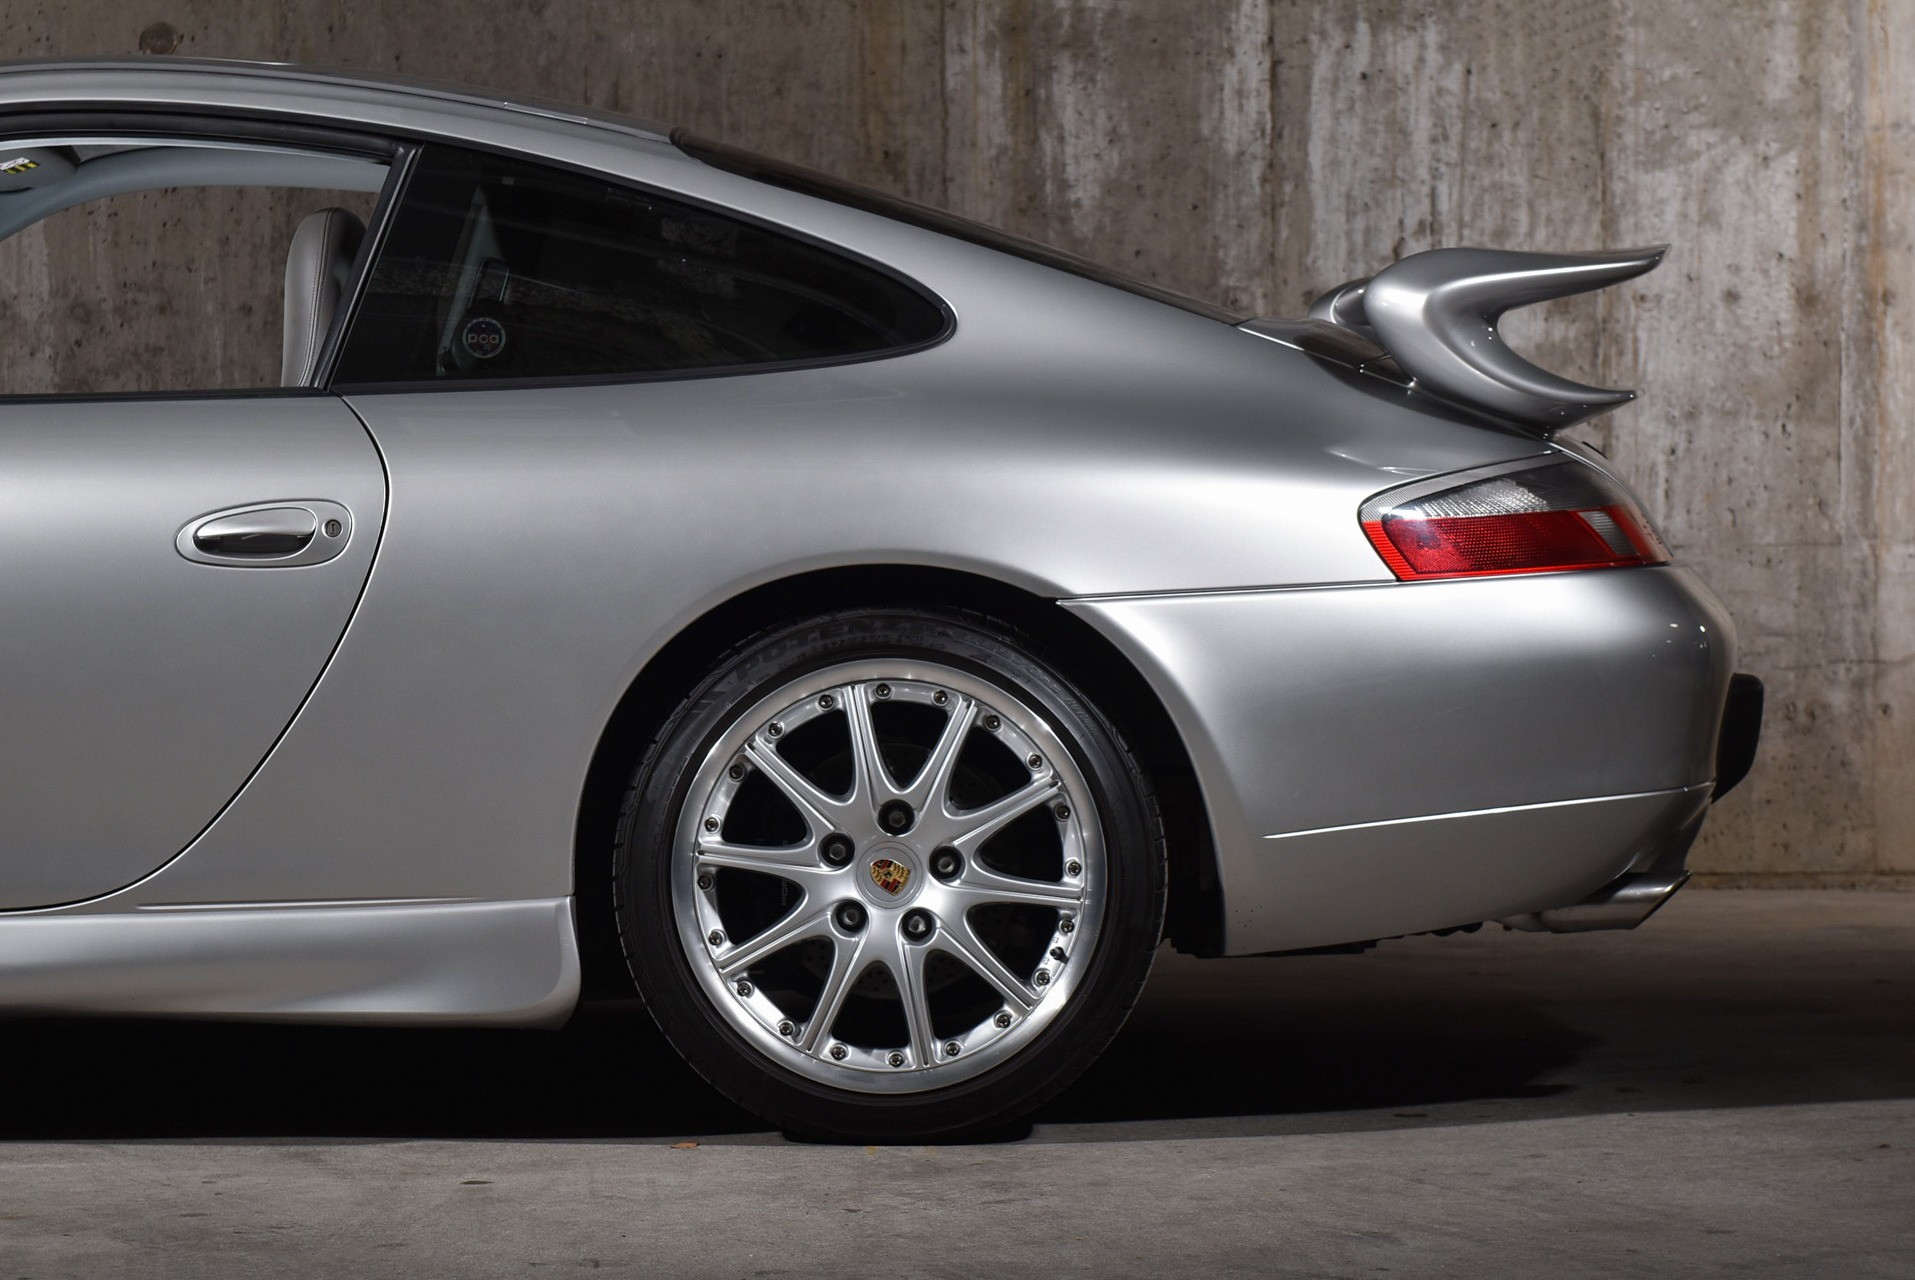 Used 2001 Porsche 911 Carrera   Valley Stream, NY